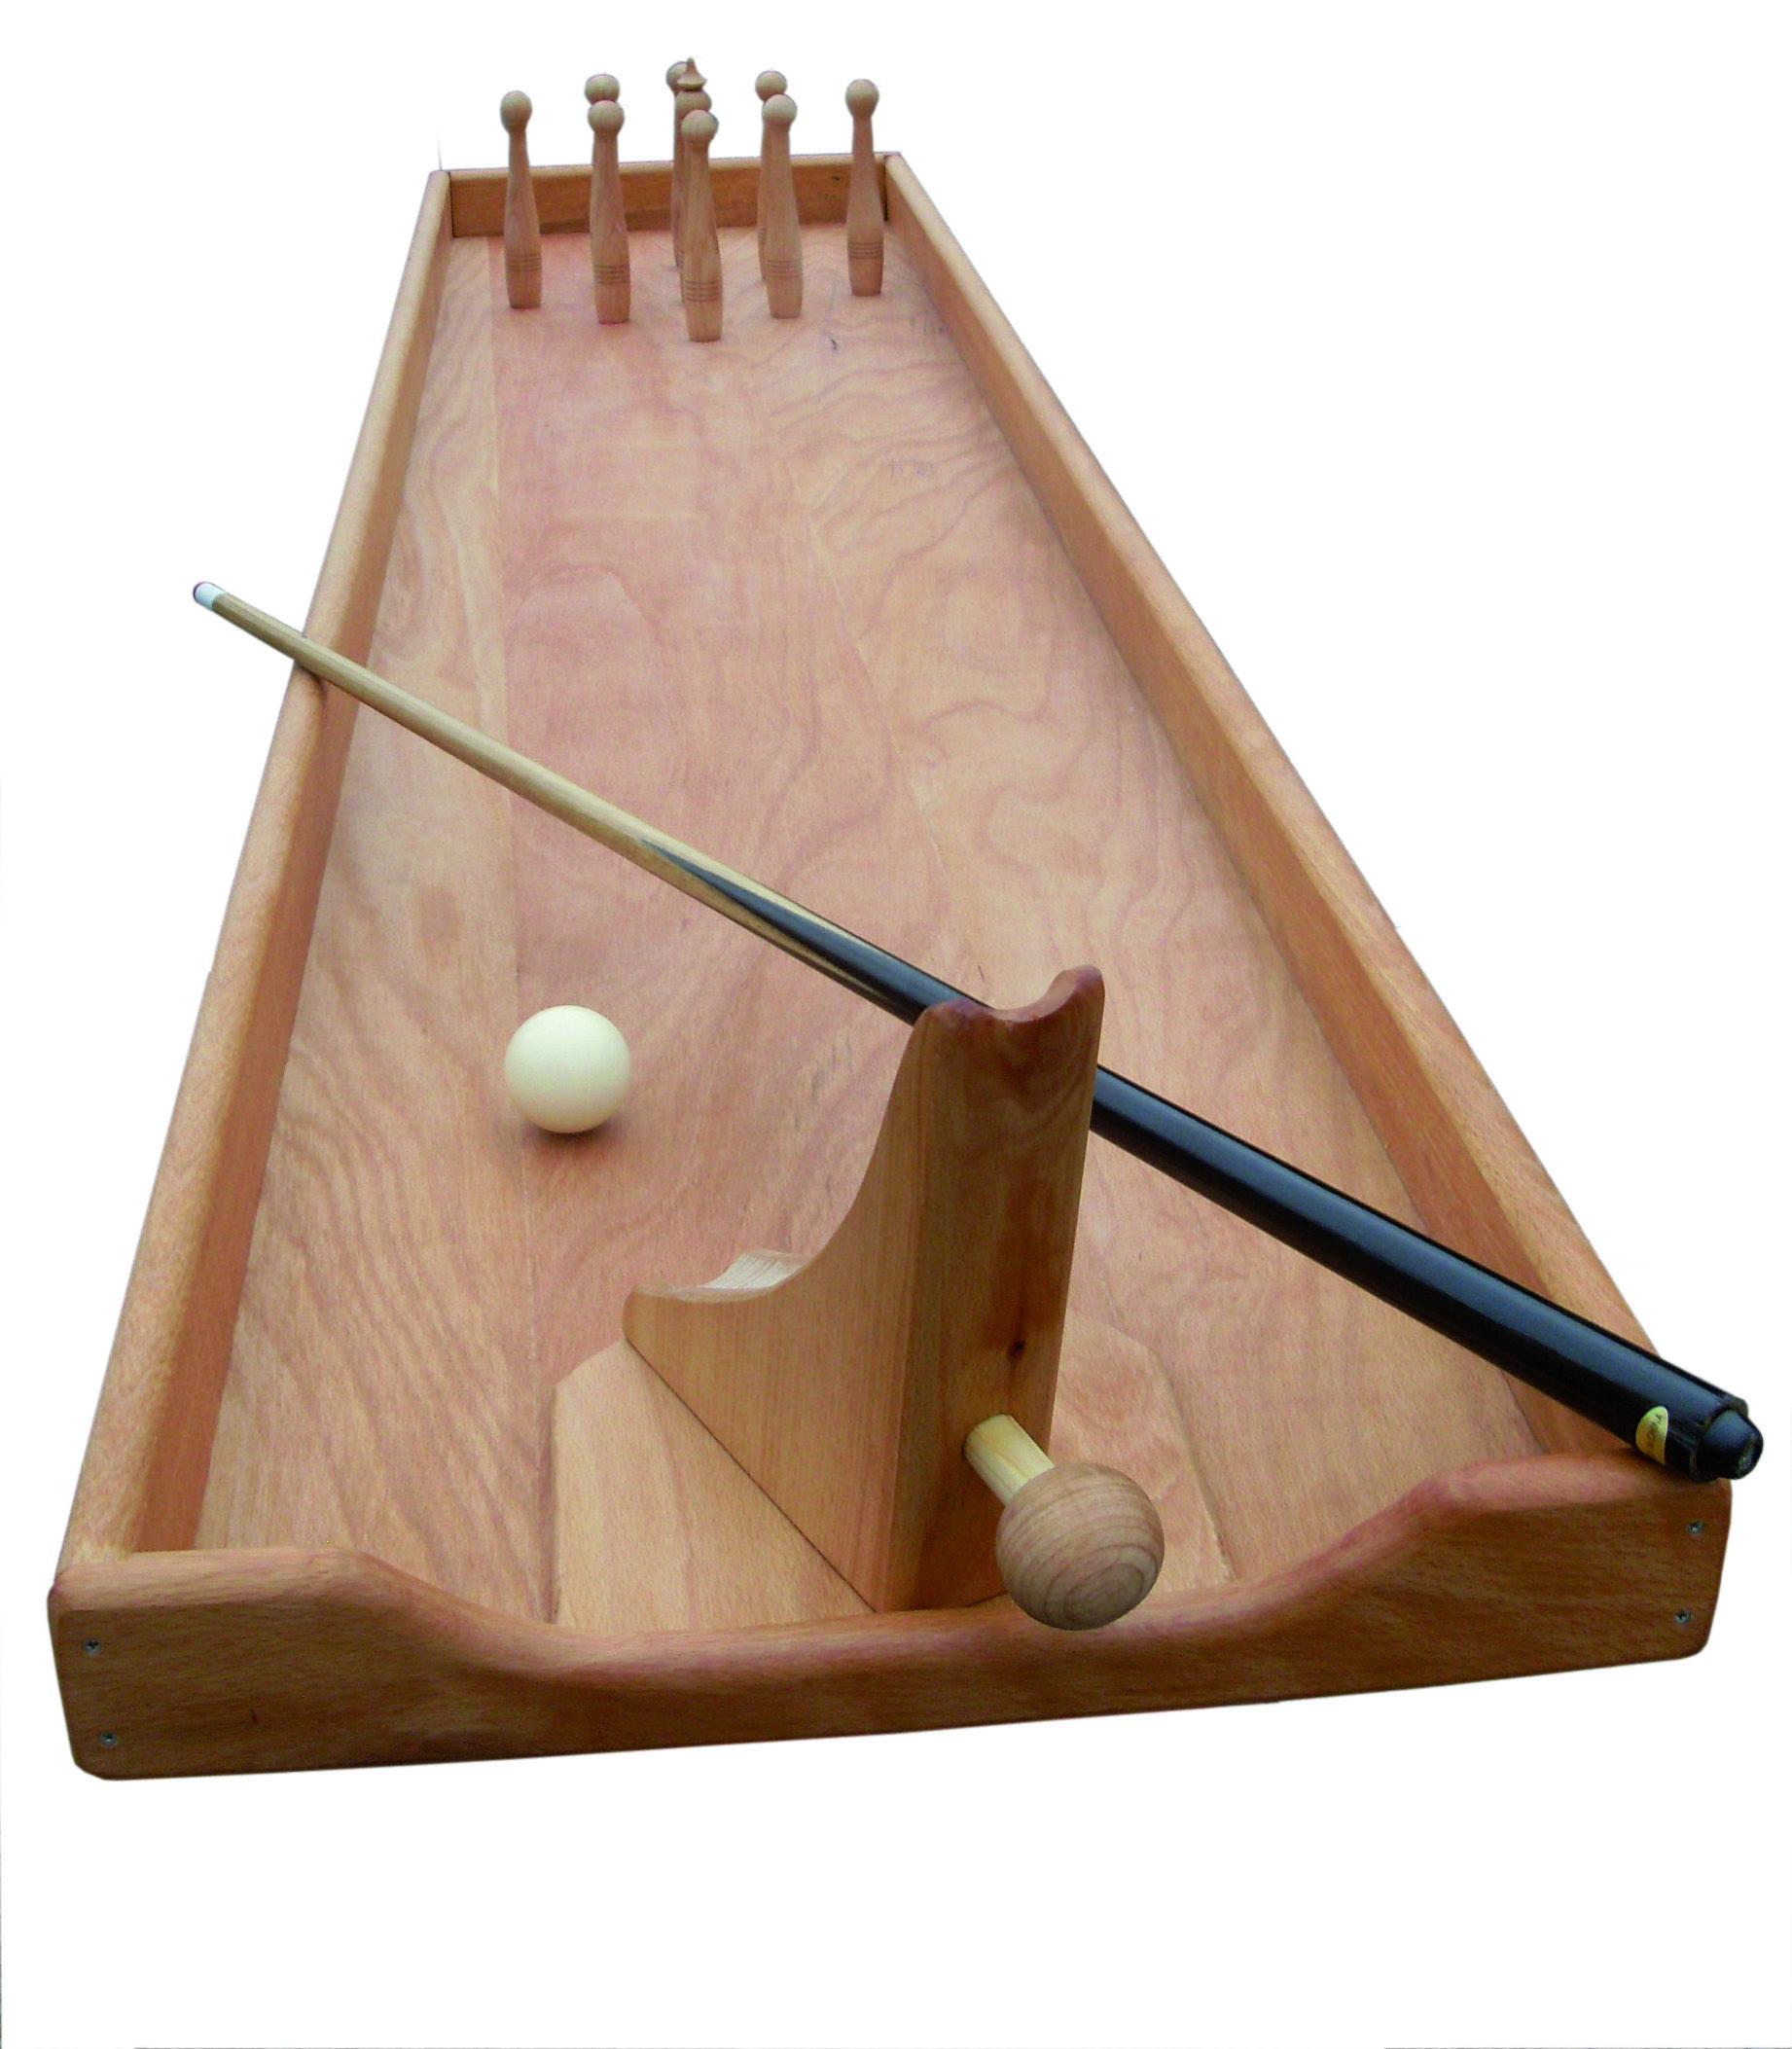 Tischkegelspiel Holz